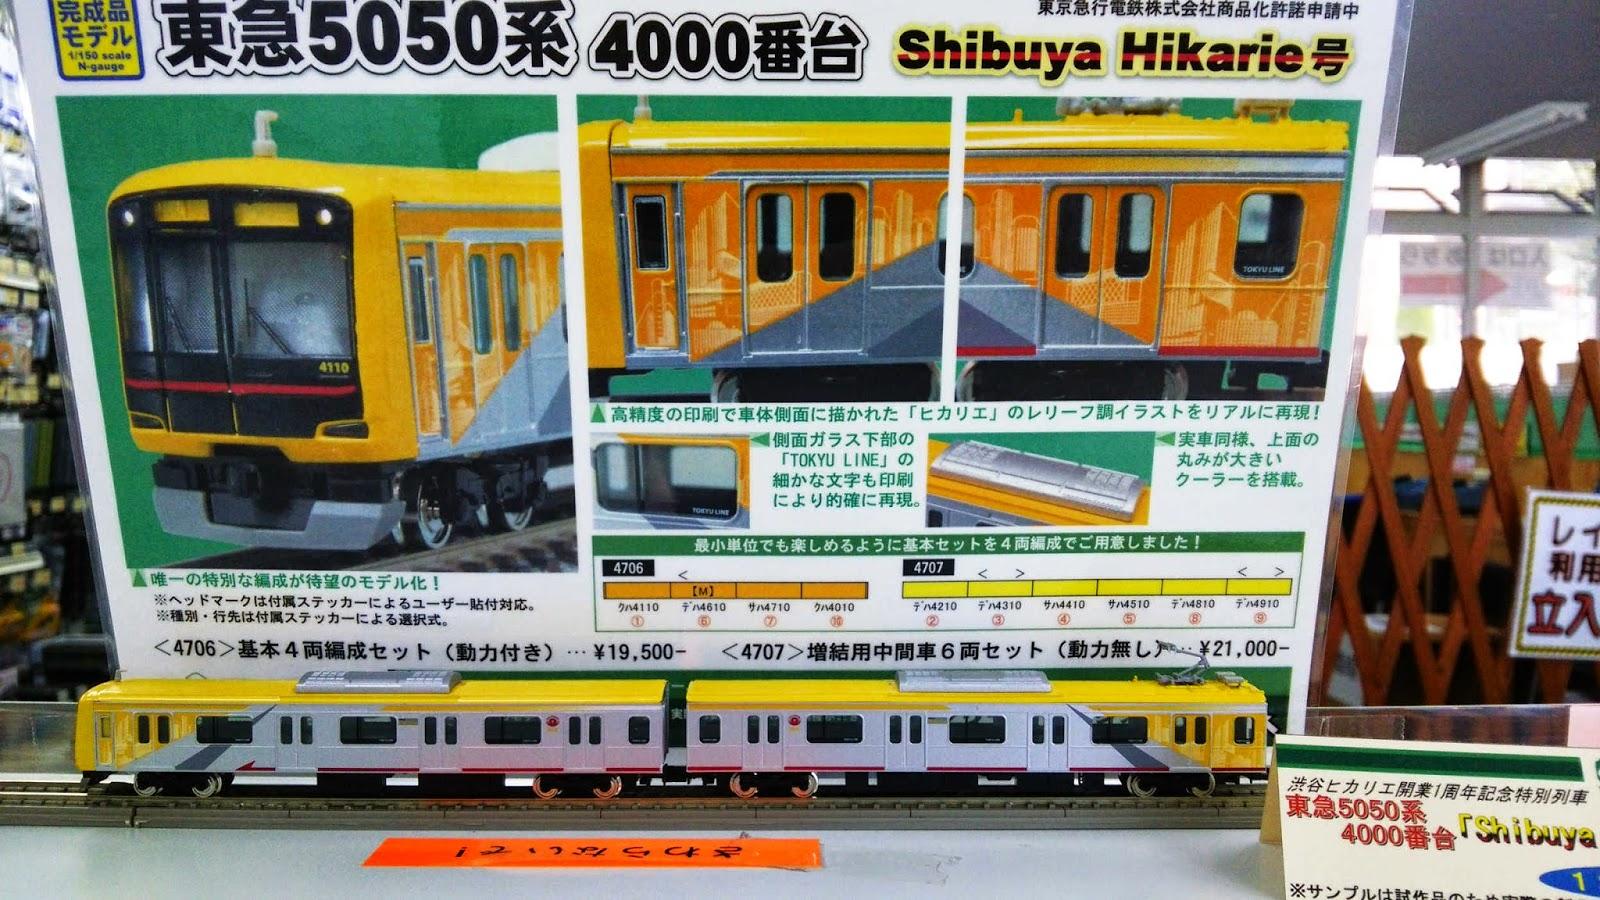 東急5050系4000番台Shibuya Hikarie号(グリーンマックス) サンプル側面画像。A4サイズPOP付